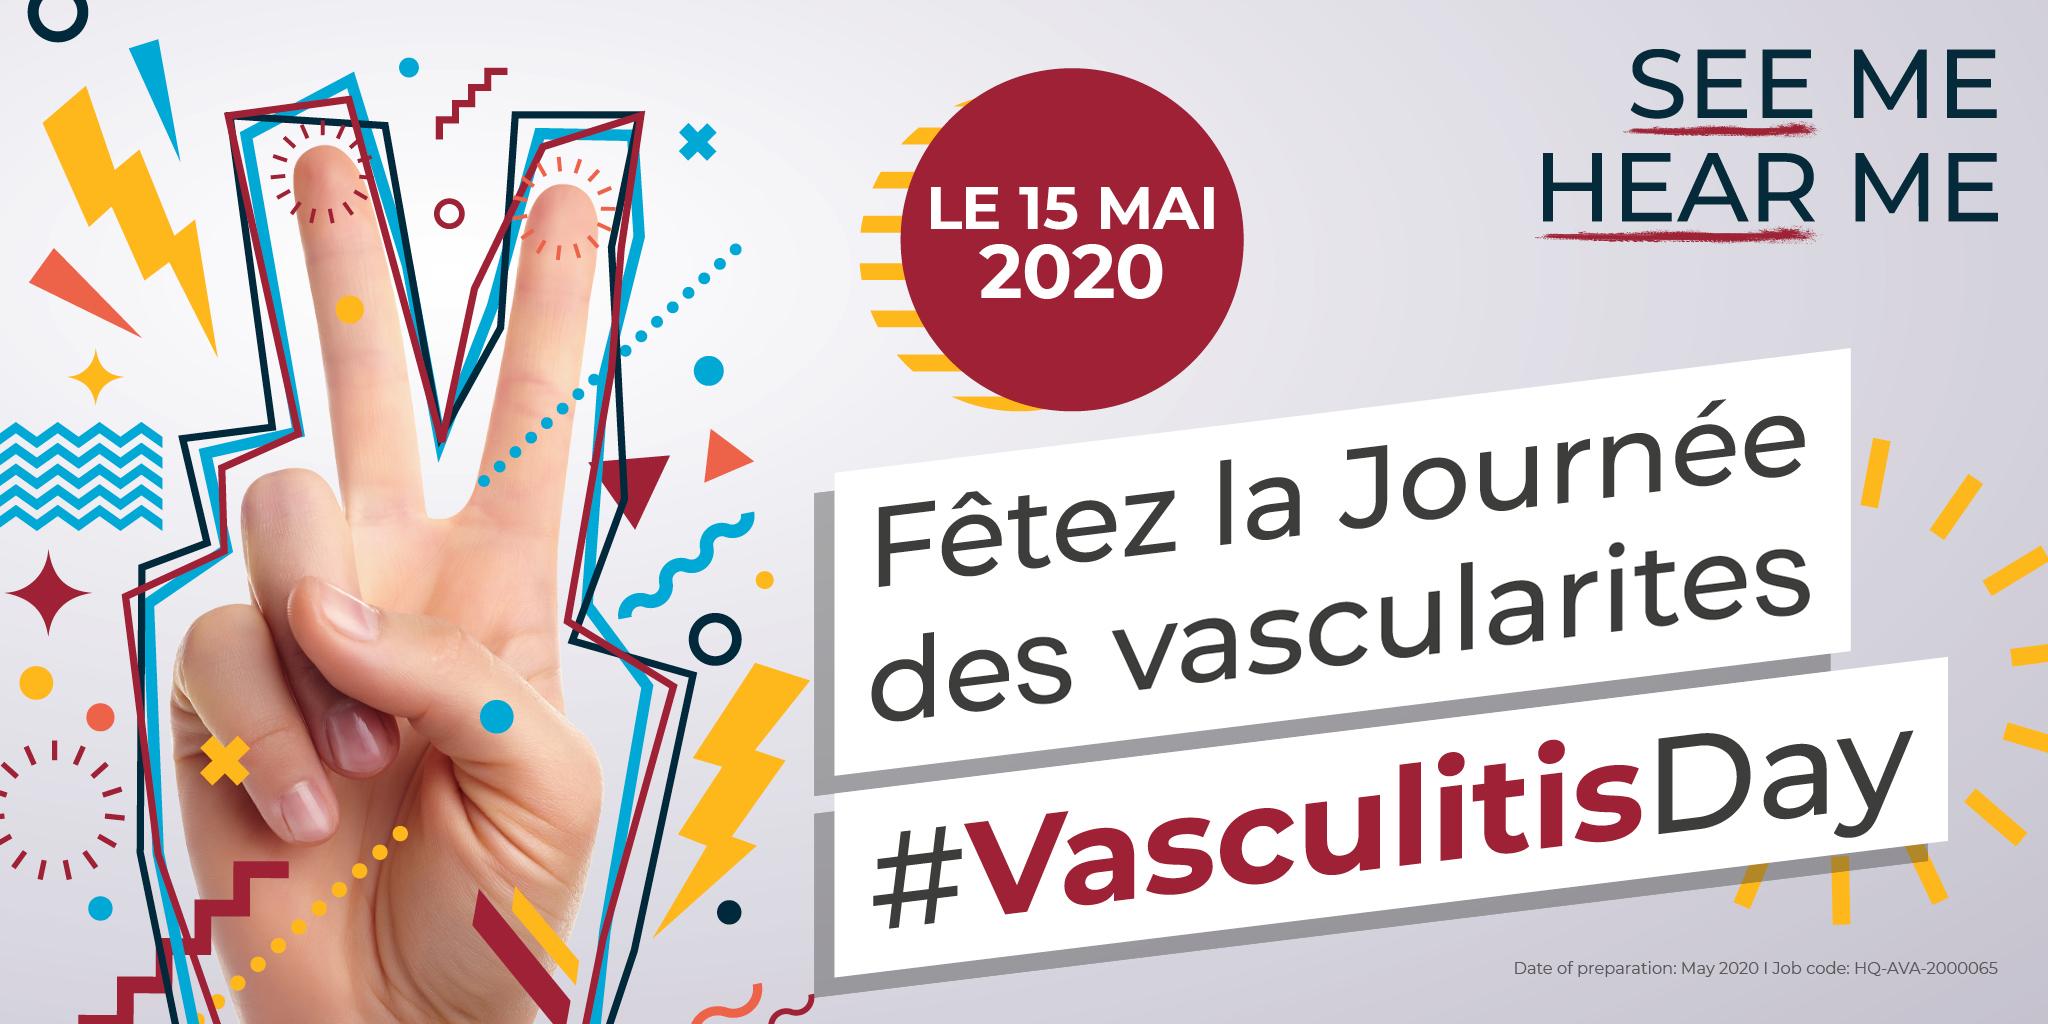 107781 Vasculitis Day 2020 FR Twitter v1 MF Post 1